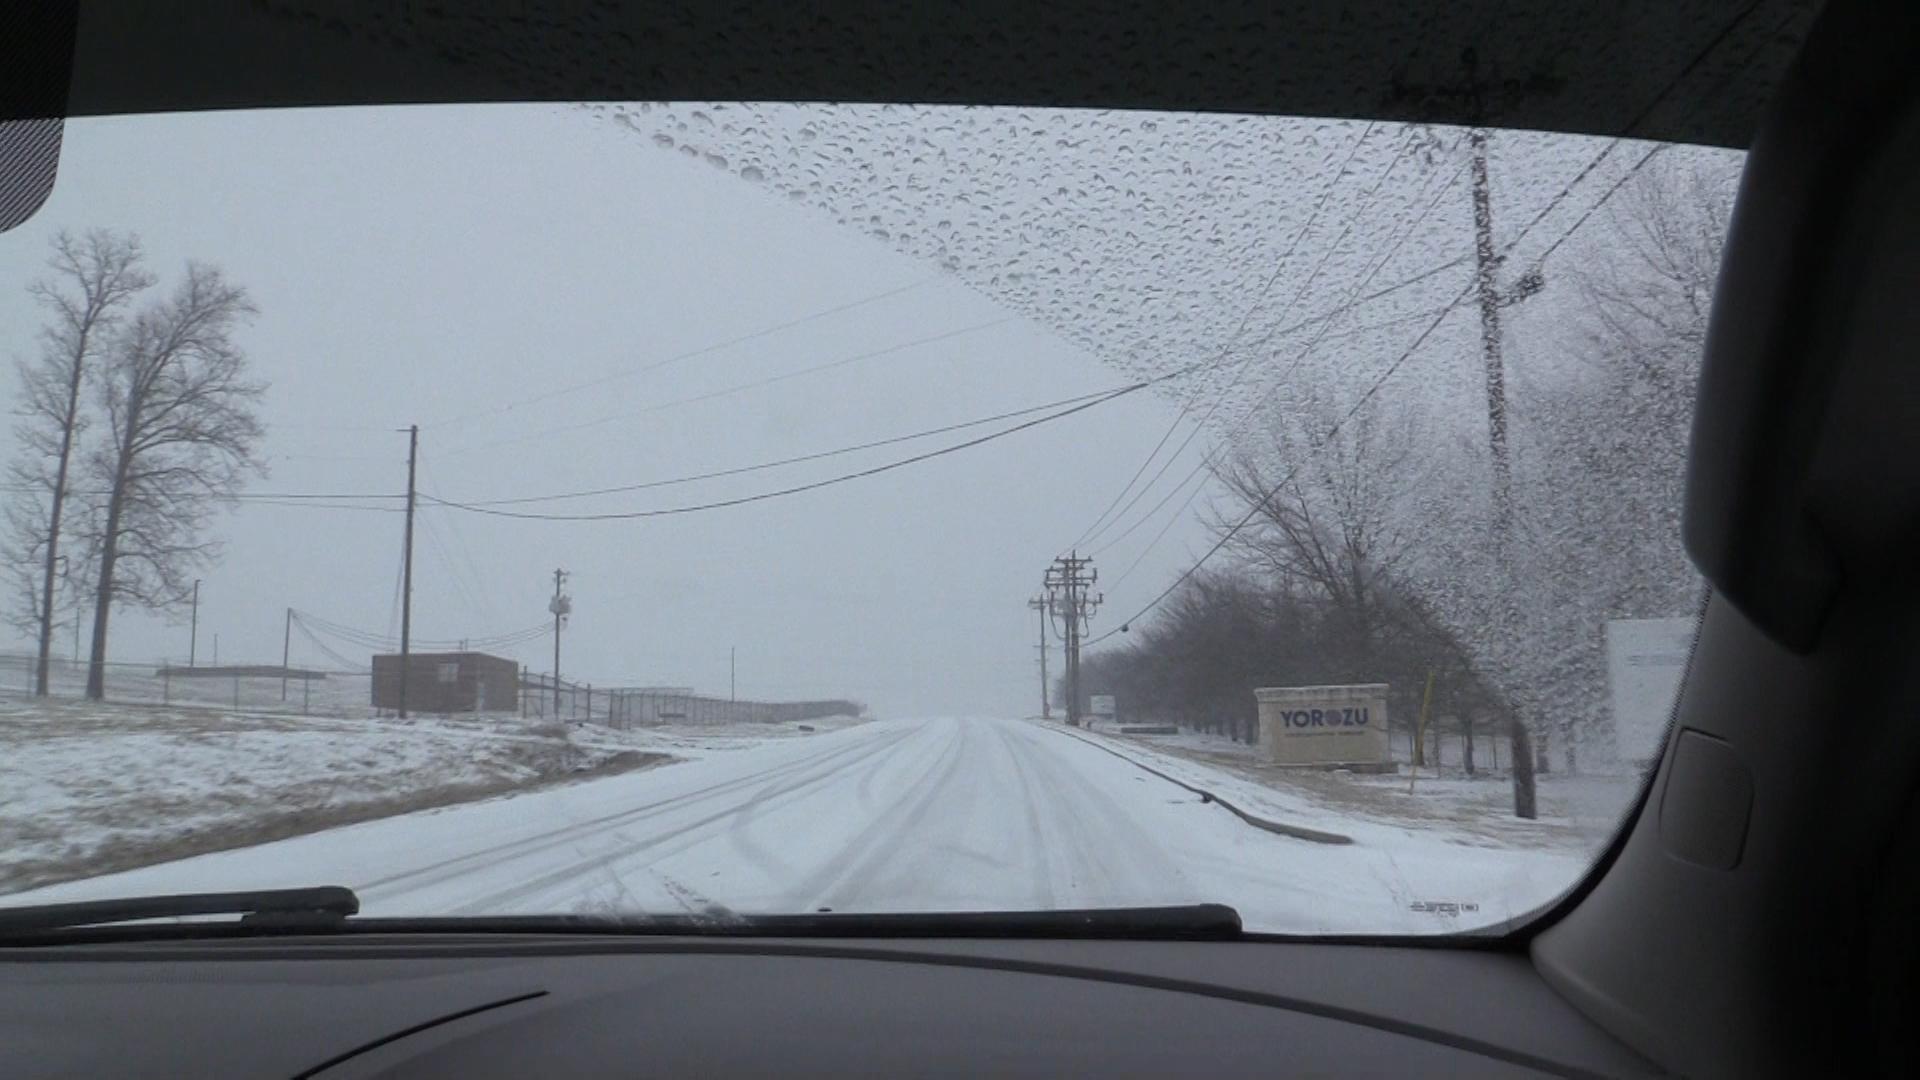 VIDEO - Winter storm hits Warren County